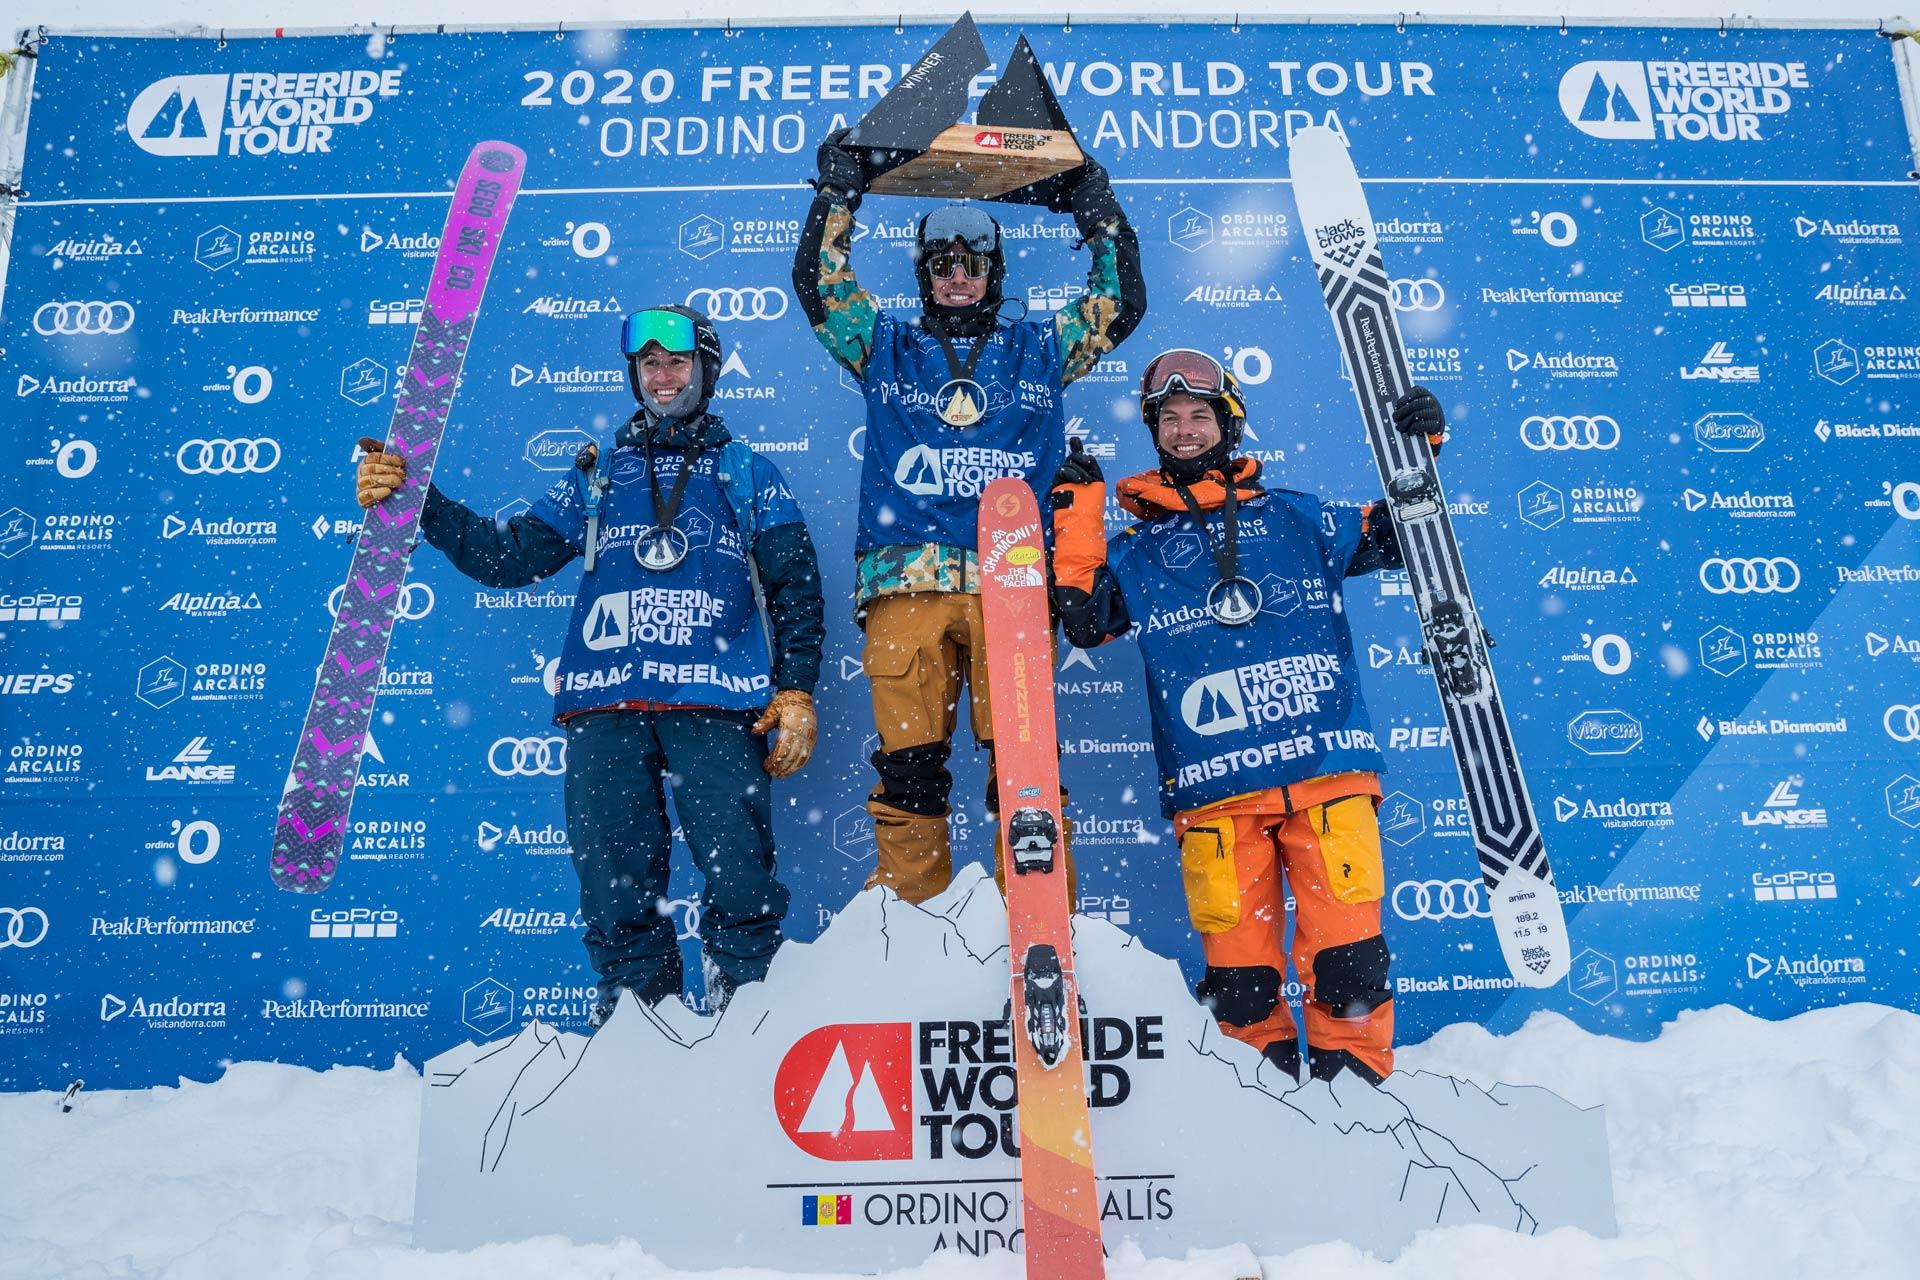 Die drei besten Männer beim Freeride World Tour 2020 Contest in Andorra: Isaac Freeland (USA), Léo Slemett (FRA), Kristofer Turdell (SWE) - Foto: freerideworldtour.com / J. Bernard